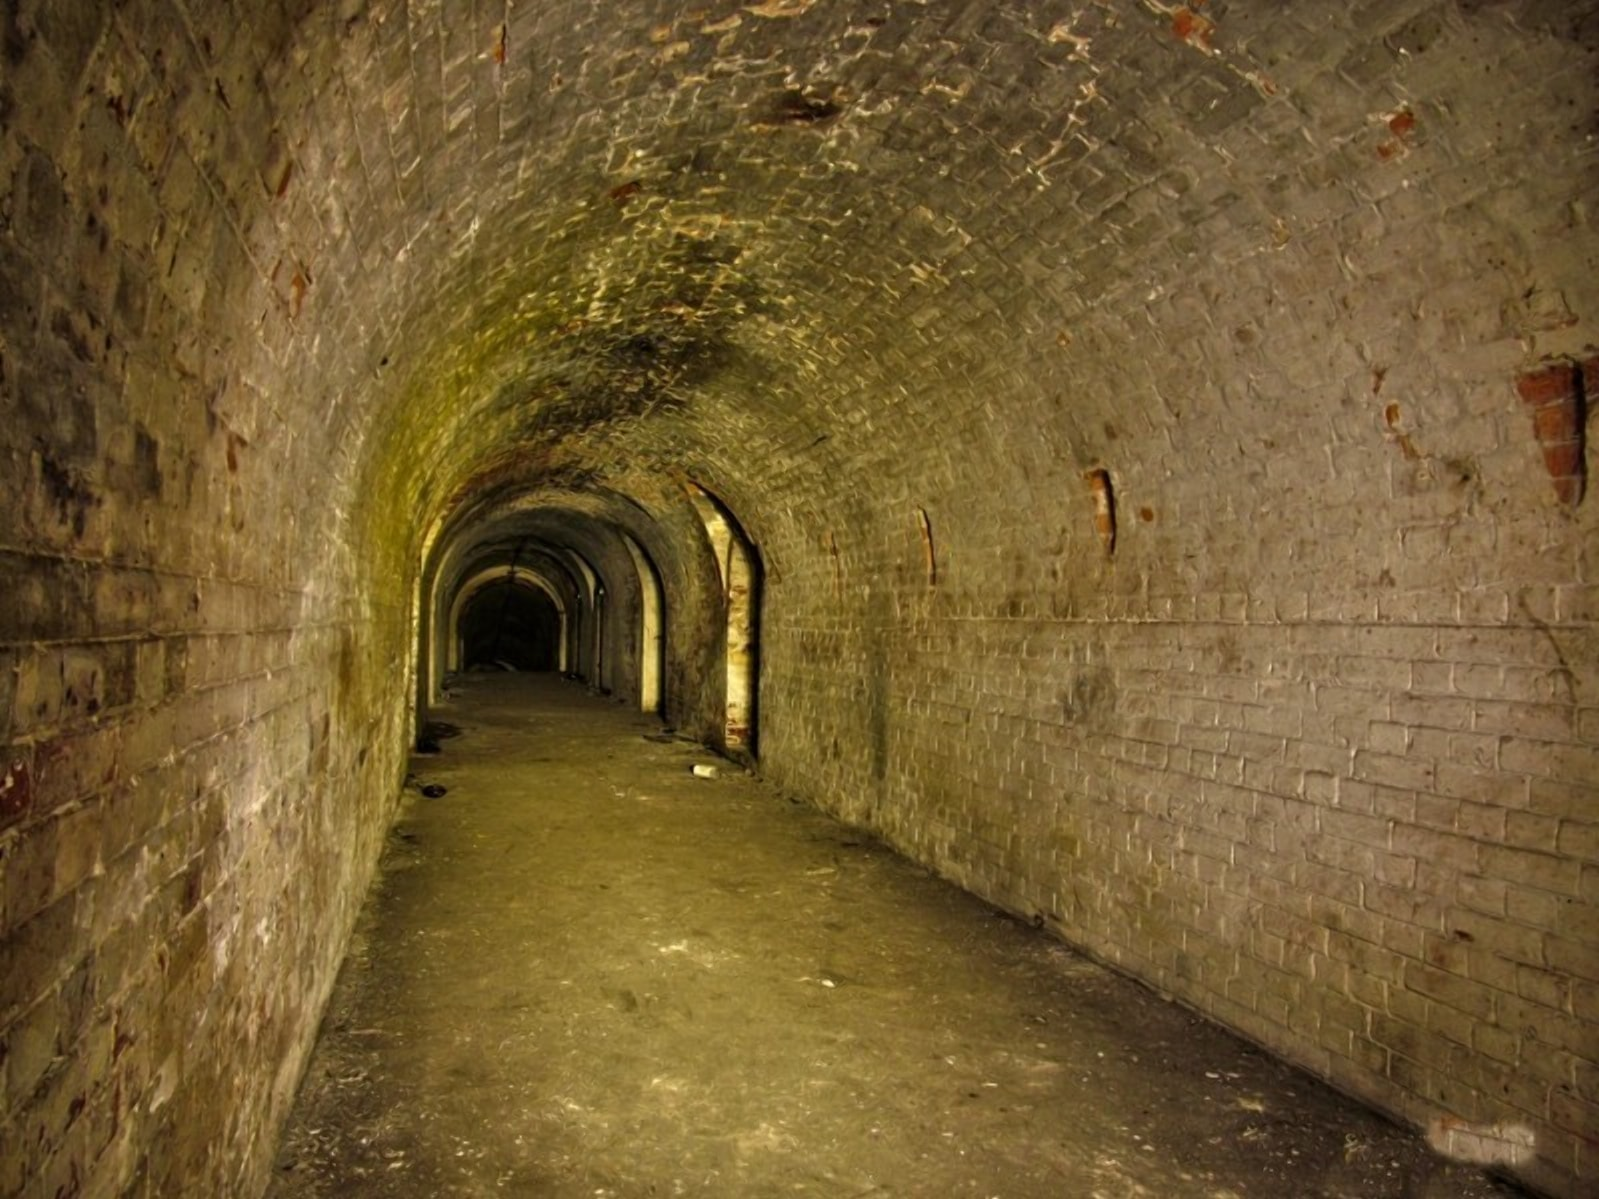 Тоннель соединящий вокзал и крепость был перед войной зысыпан